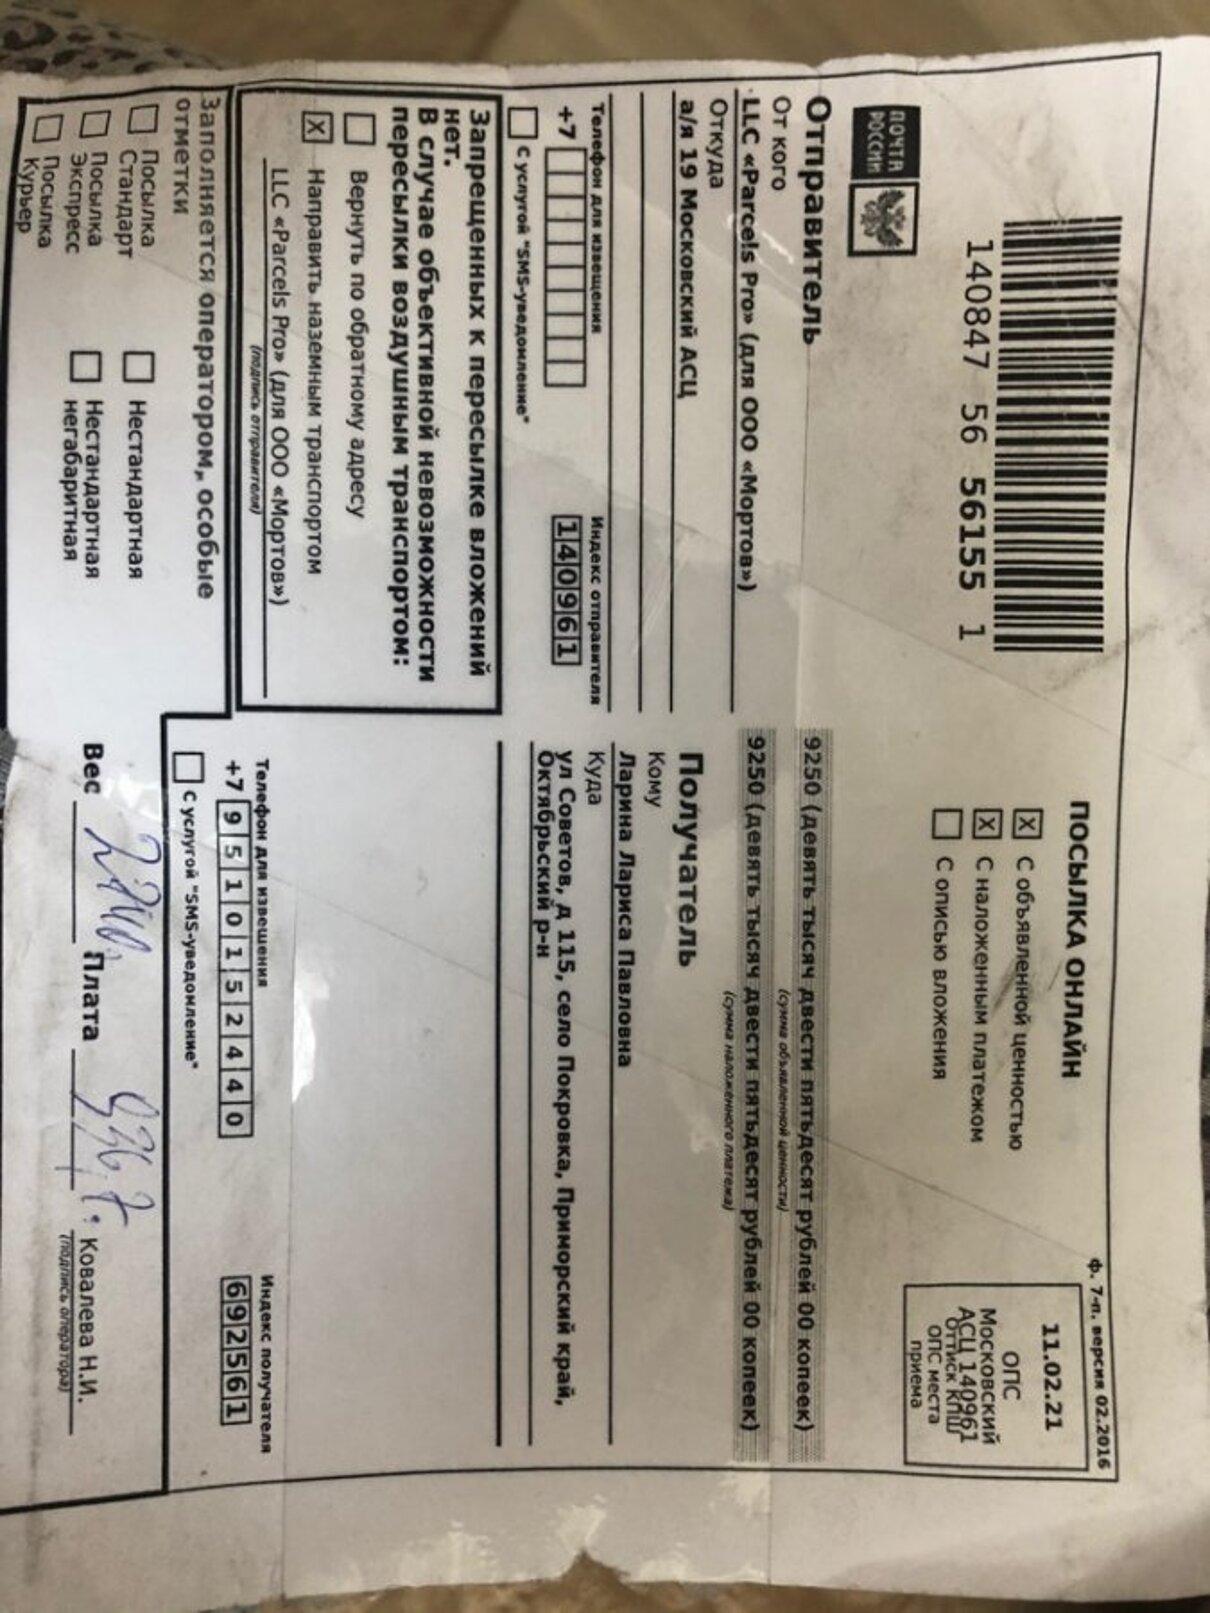 Жалоба-отзыв: LLC Parcels Pro (принадлежит ООО «ПРО Посылки) - Претензия на возврат товара ненадлежащего качества.  Фото №2